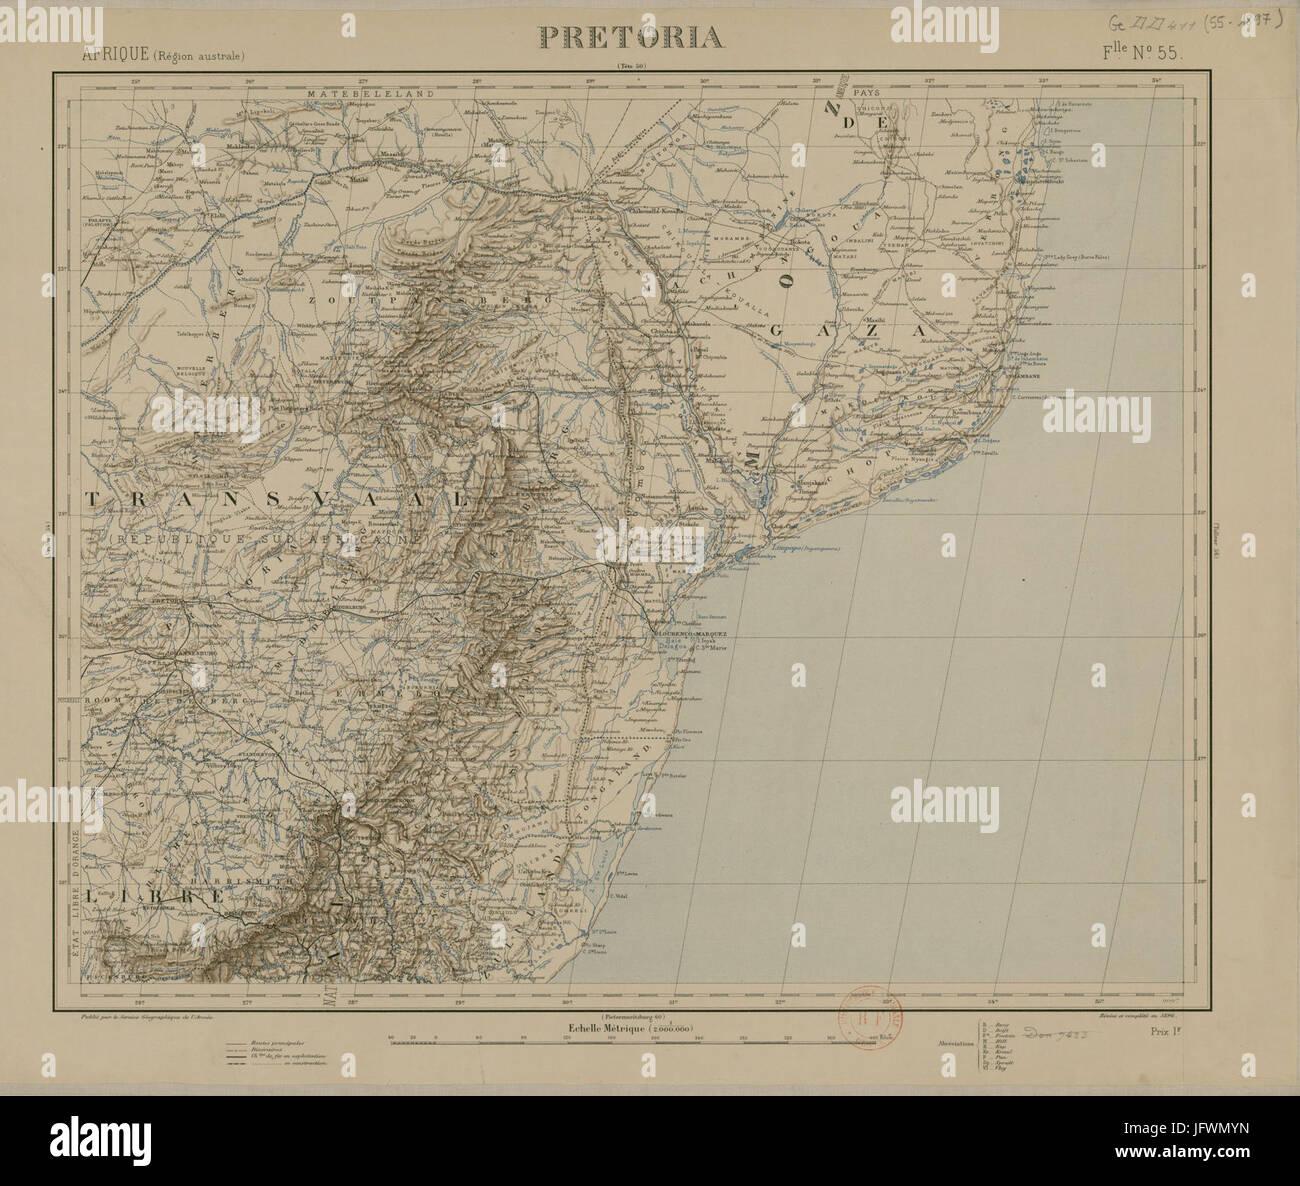 Carte de l'Afrique, Pretoria (région australe) - Stock Image